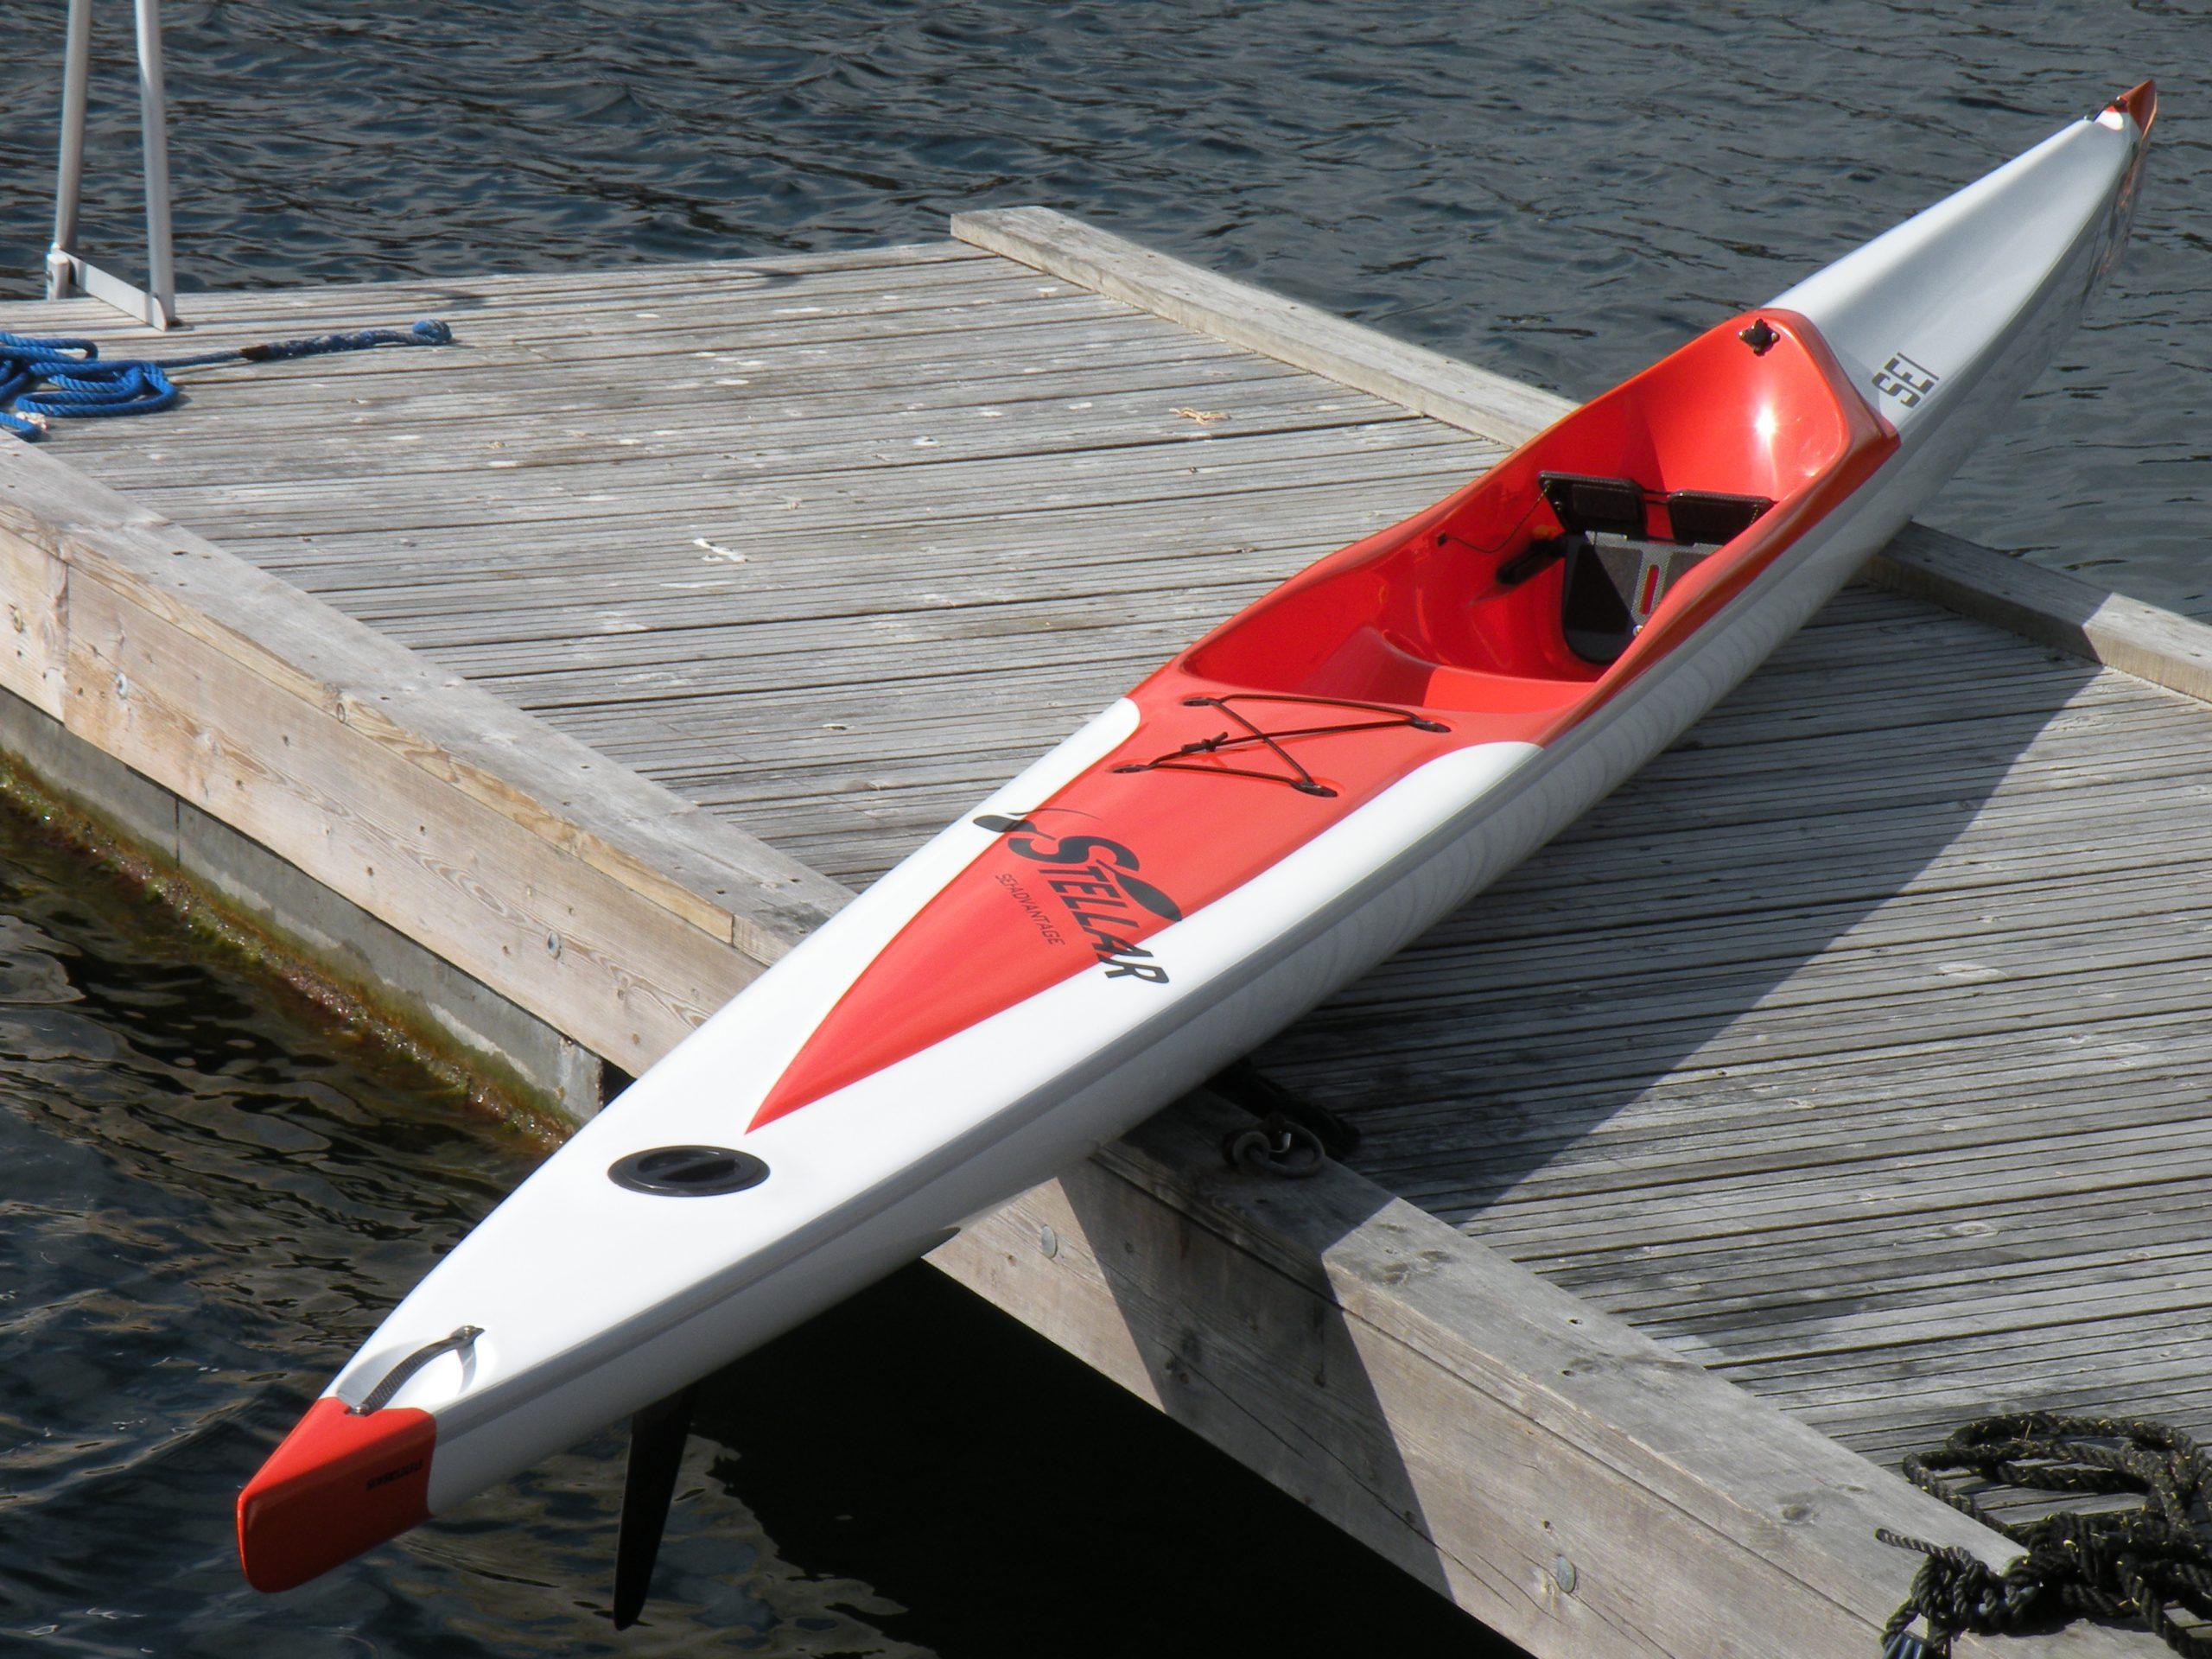 Bildet «lyver». Båten er hverken kort eller bred. Båtene ser tilsynelatende like ut. For å finne båten som passer best, anbefaler vi å prøve begge.